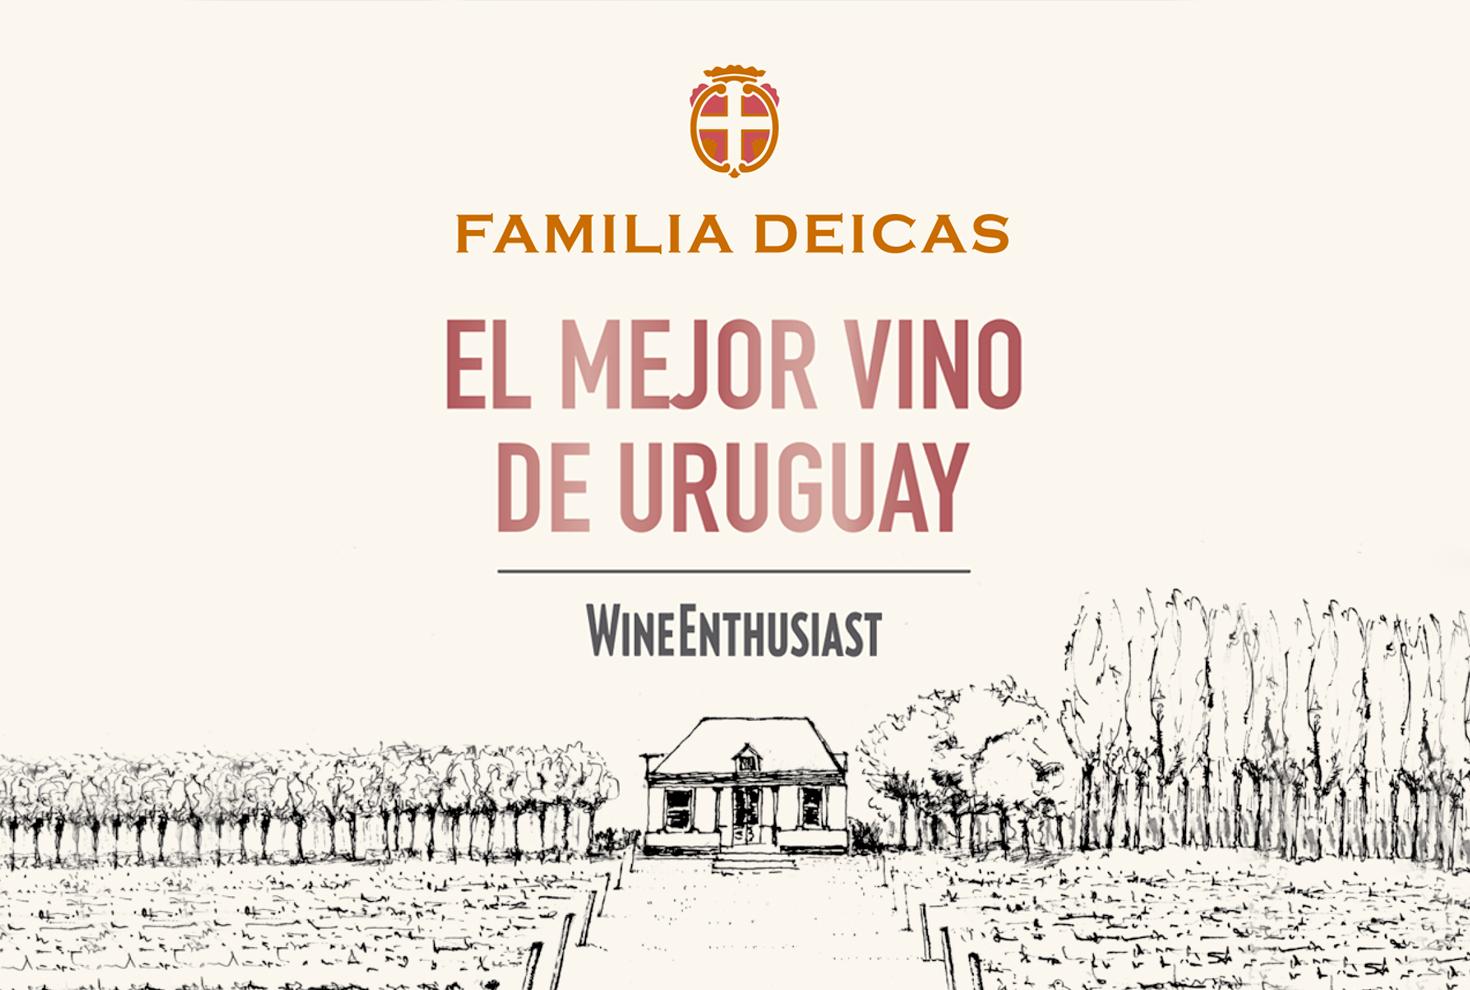 El mejor vino uruguayo - Wine Enthusiast